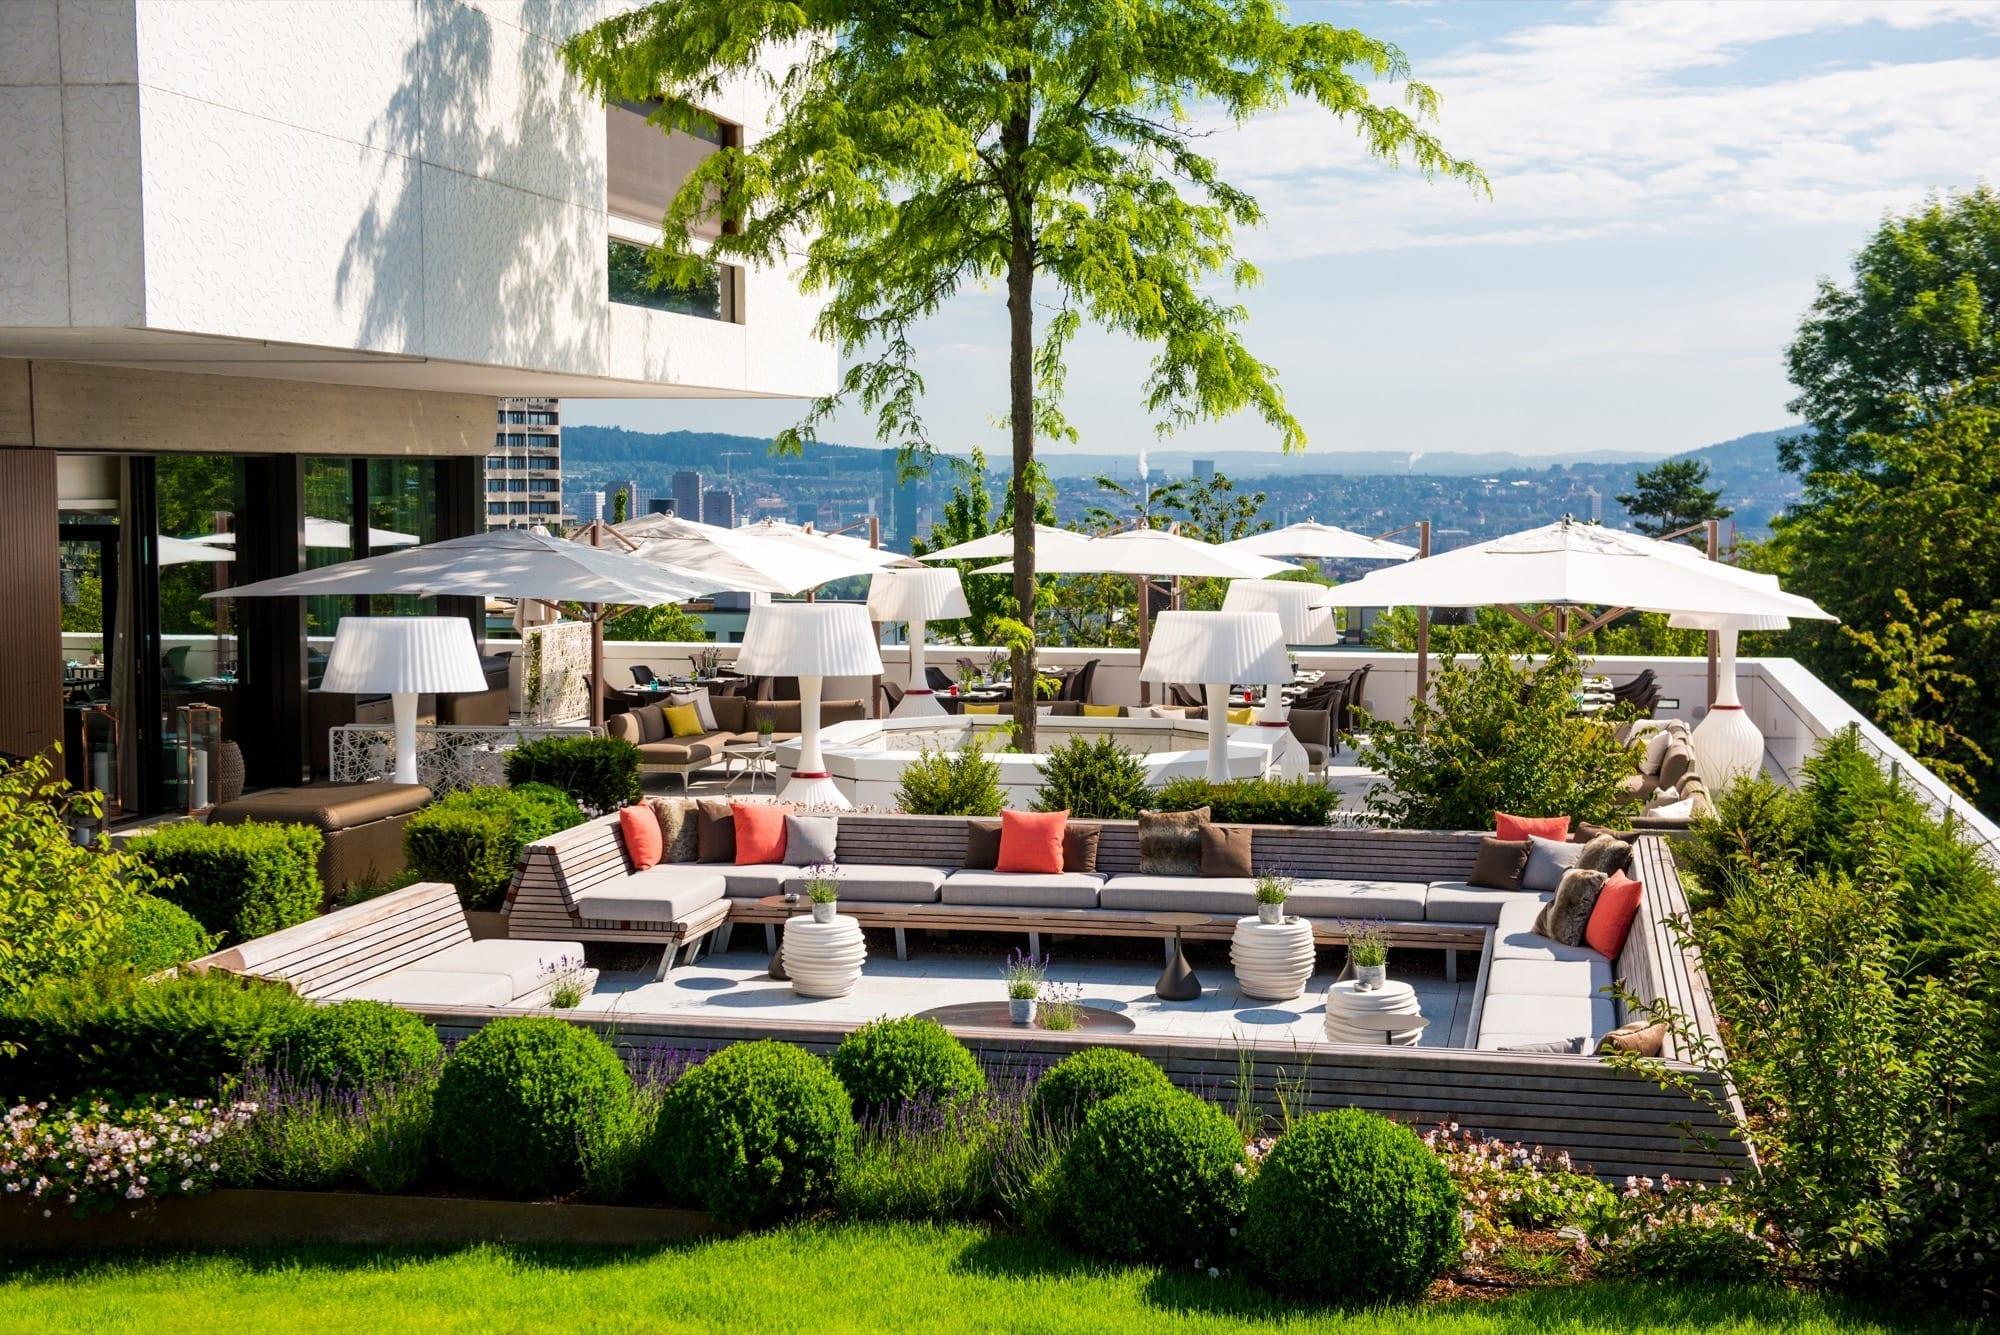 Atlantis By Giardino Zurich 5 Sterne Design Hotels